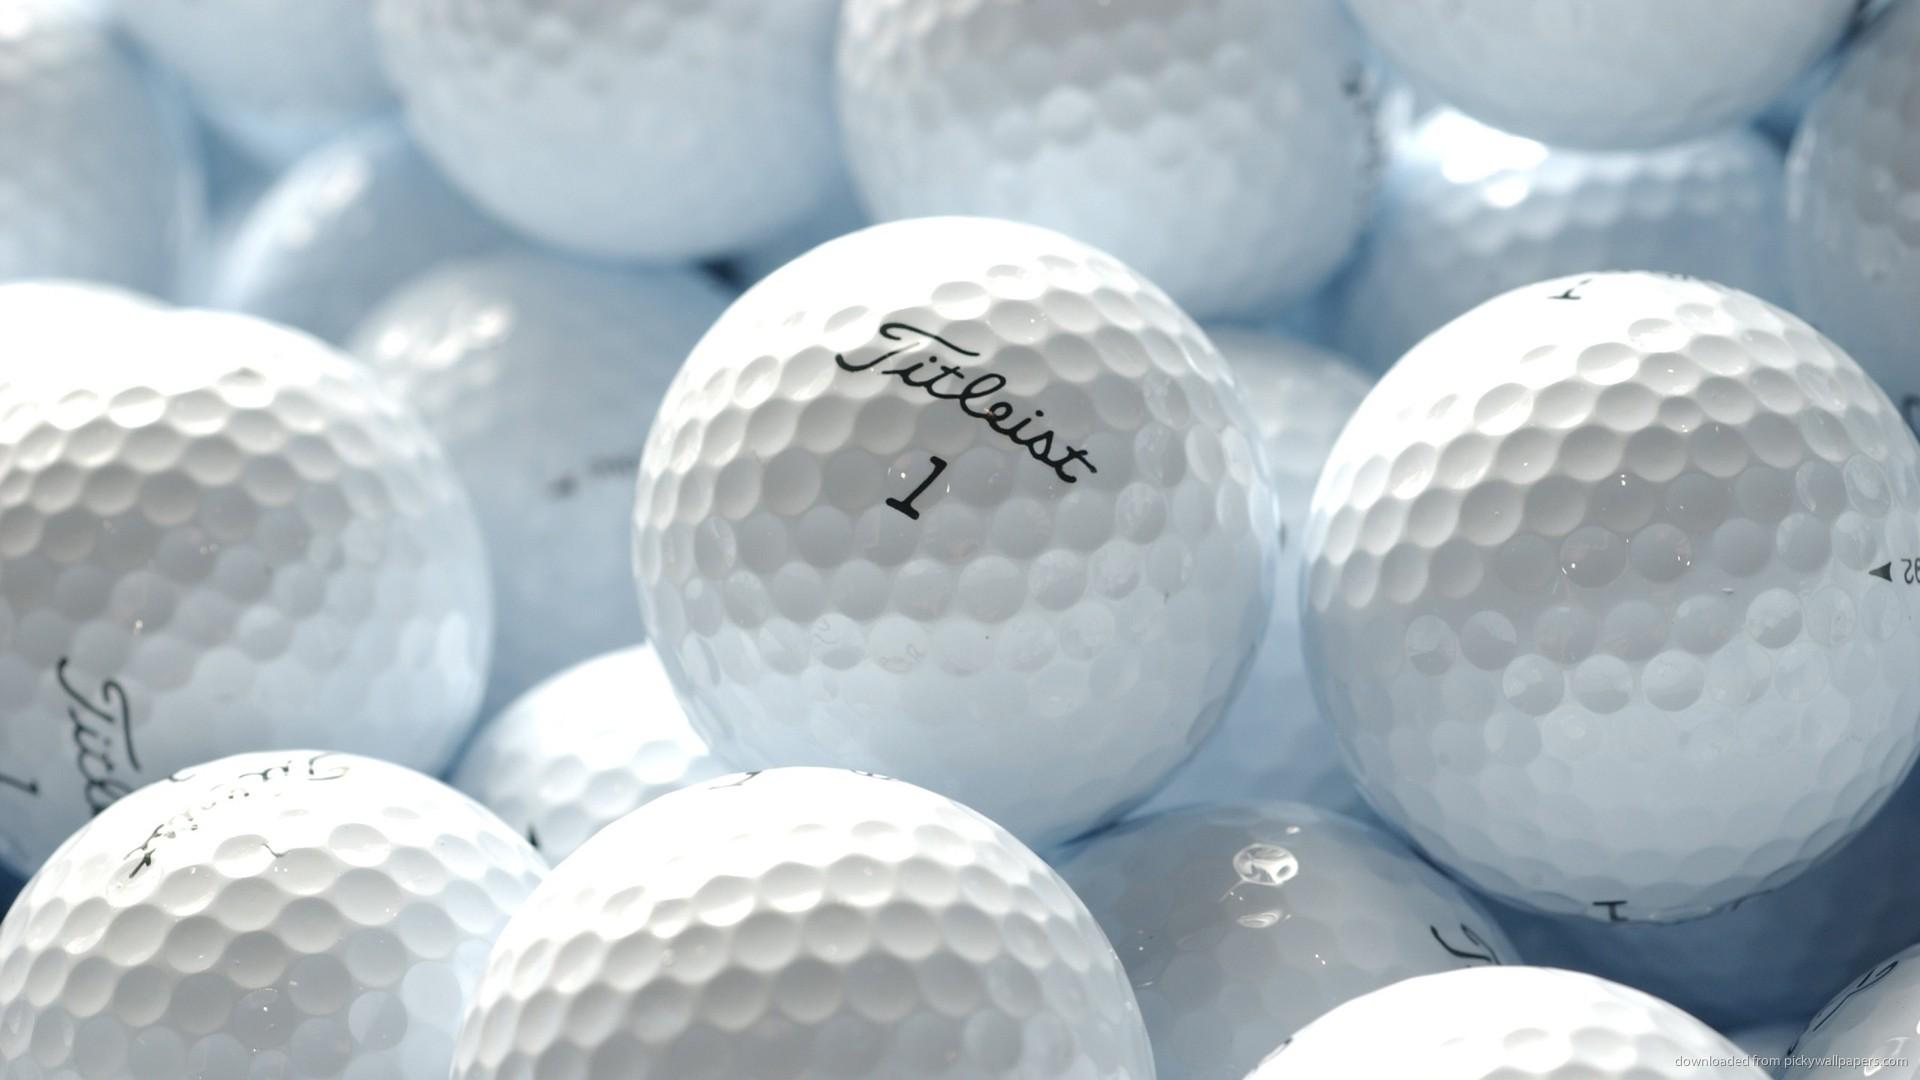 HD White Titleist Golf Balls Wallpaper 1920x1080